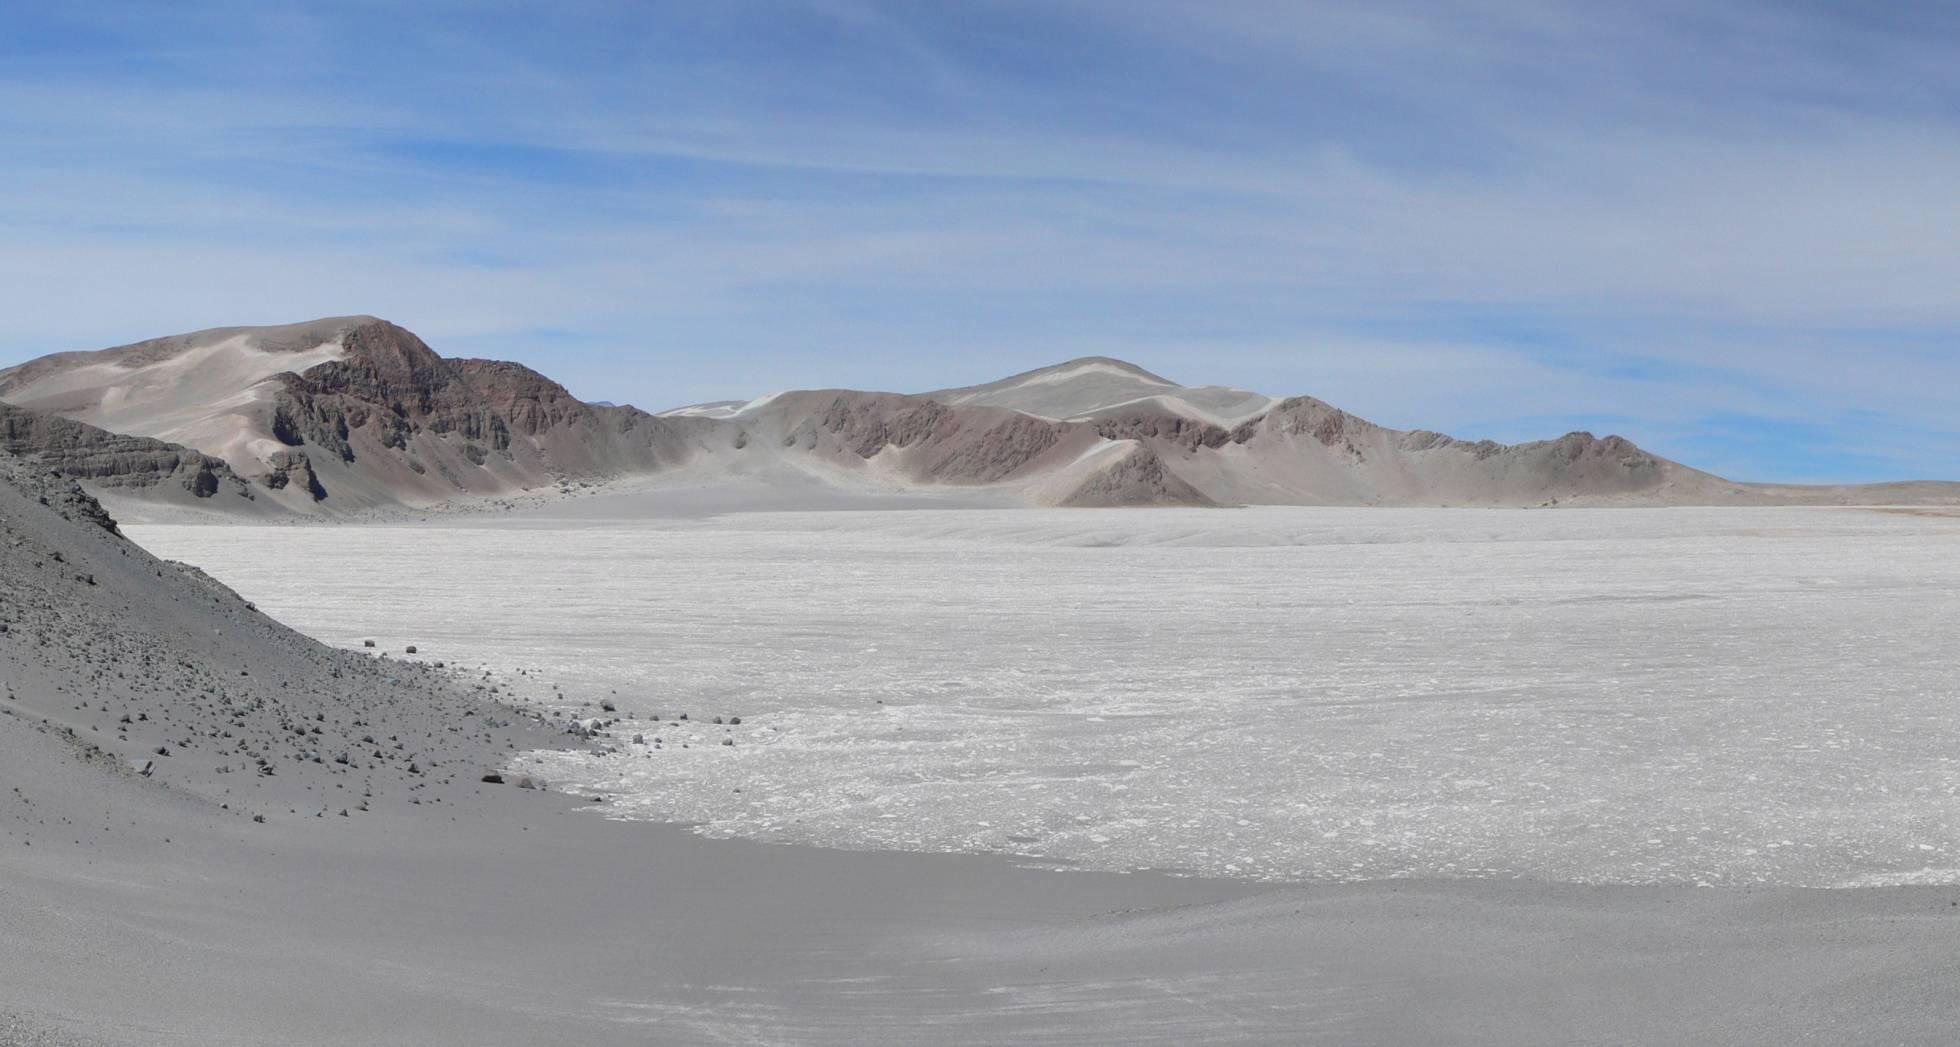 Vista de la caldera del volcán Cerro Blanco. JOSÉ LUIS FERNÁNDEZ TURIEL